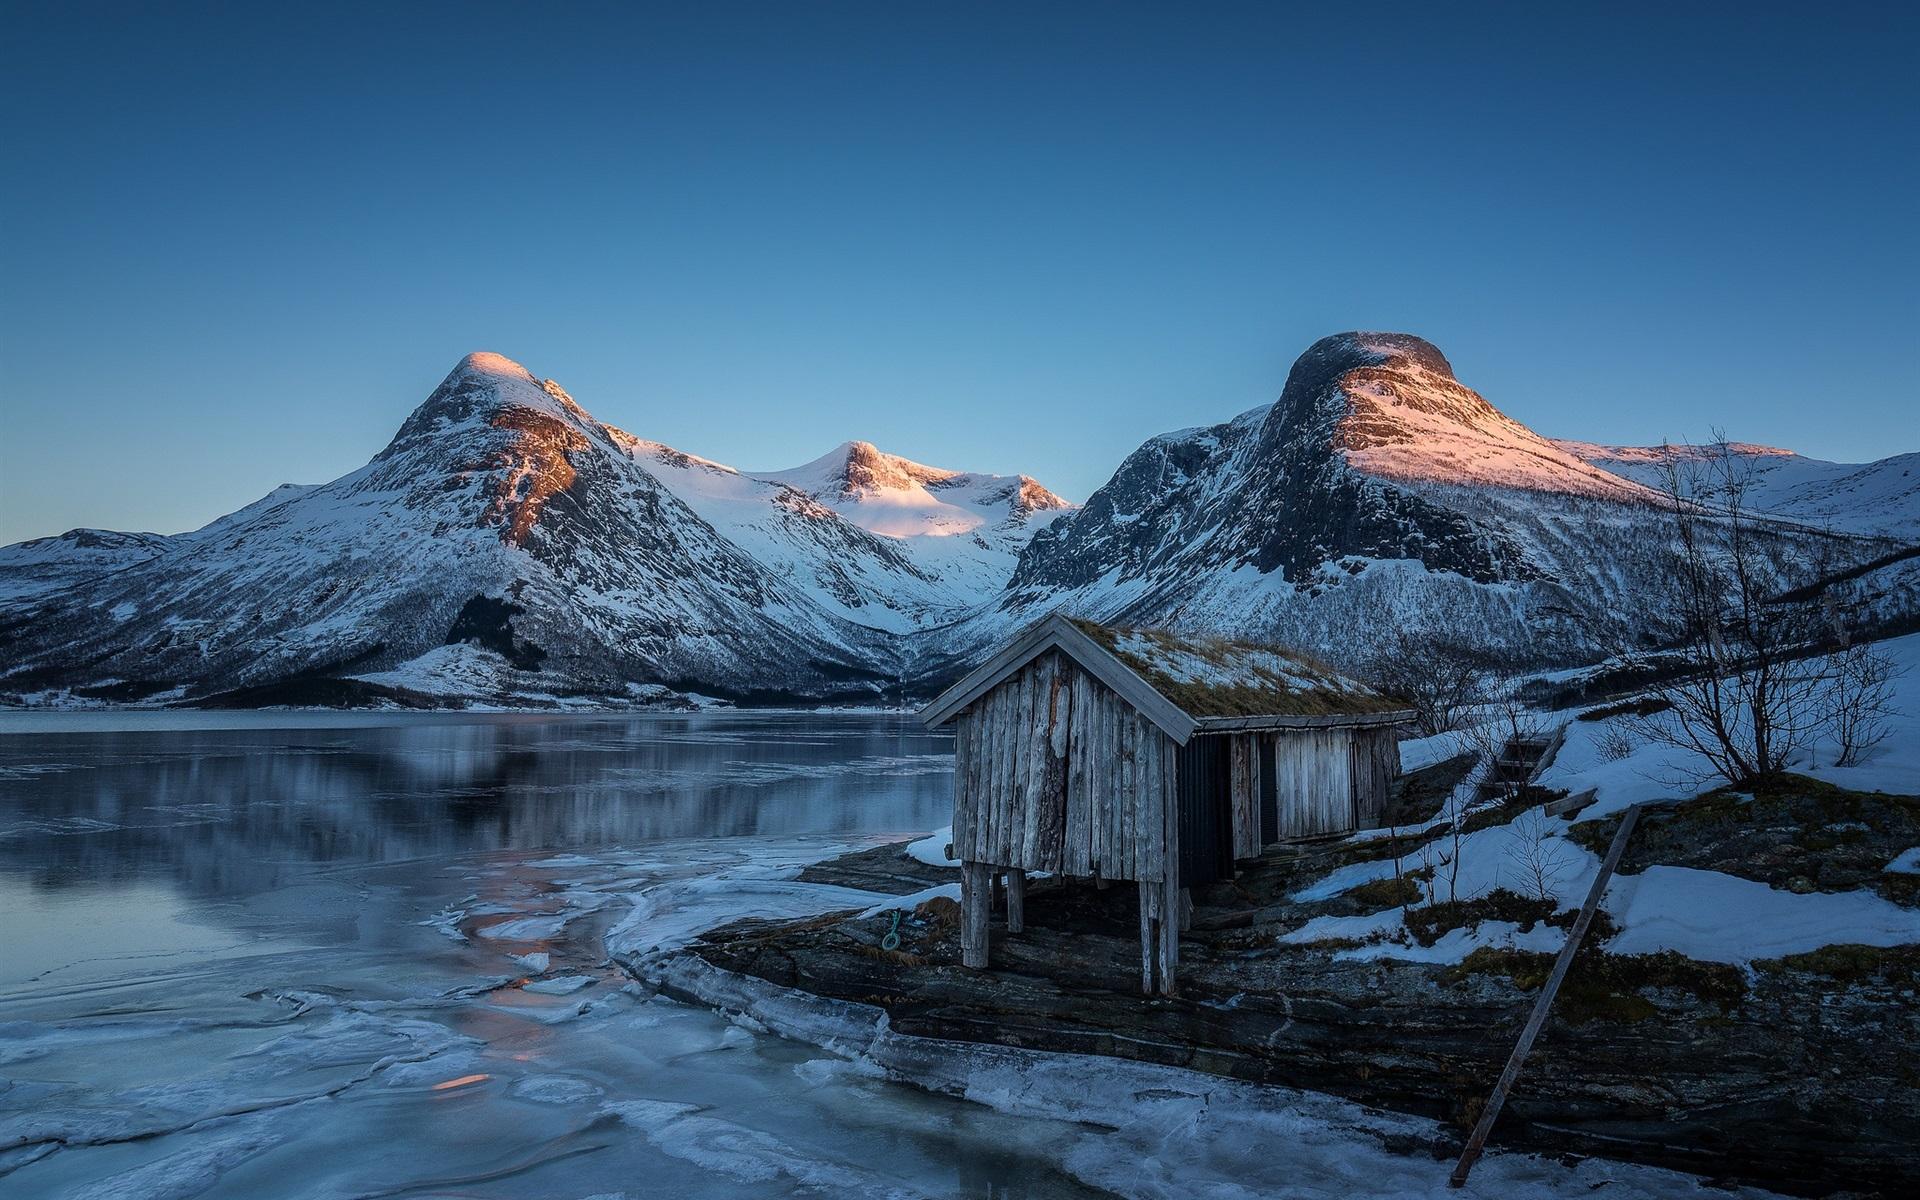 Lago Con Montañas Nevadas Hd: Fondos De Pantalla Noruega, Montañas, Lago, Nieve